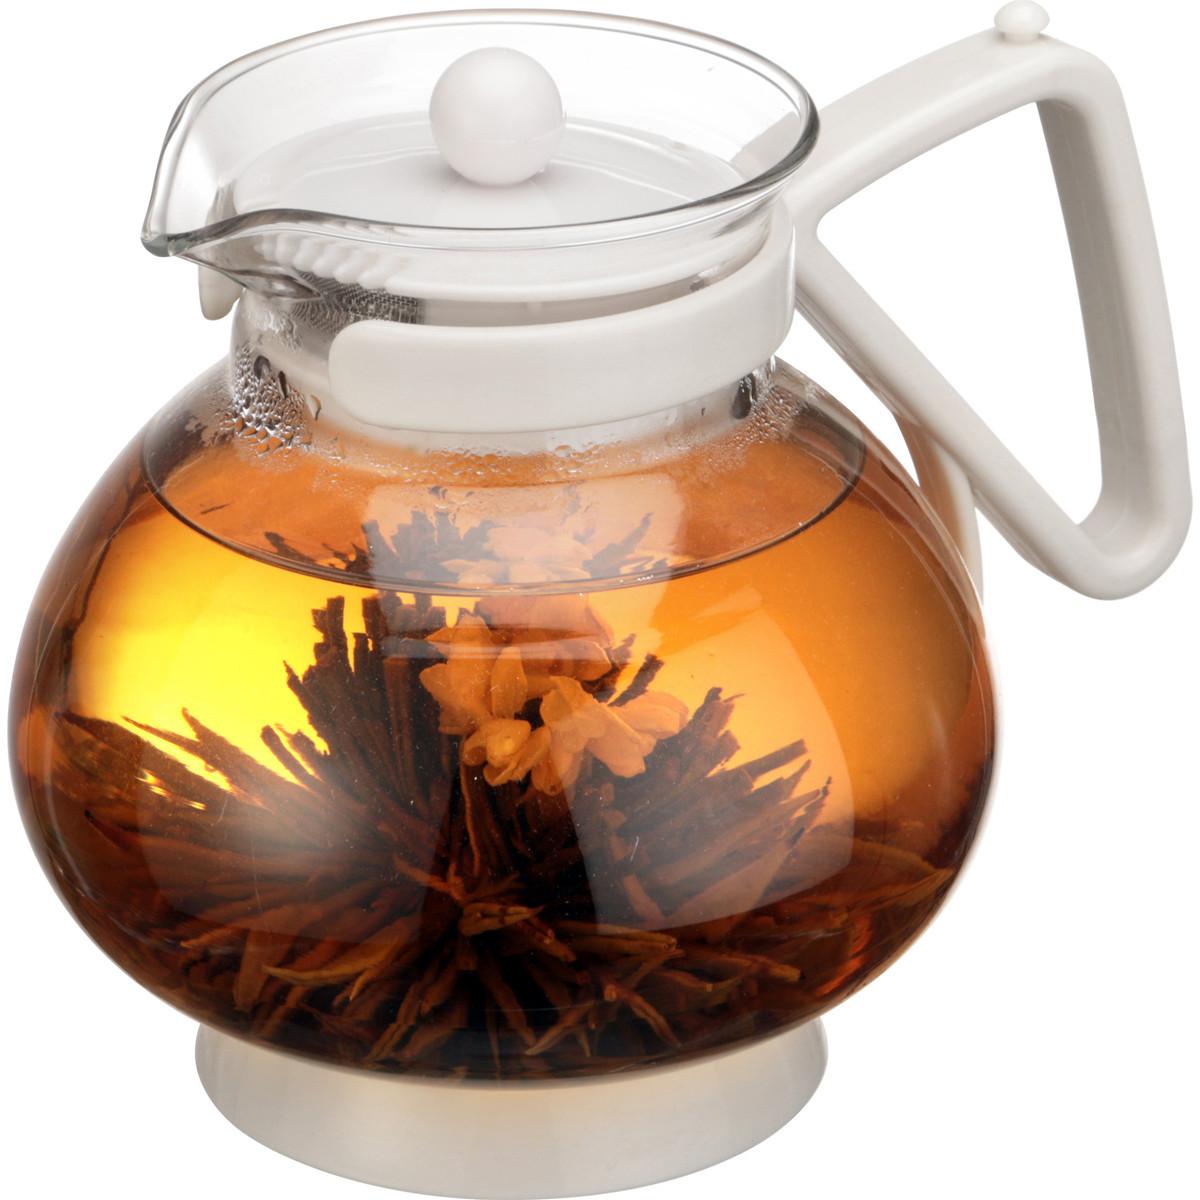 чайник заварочный hunan provincial лотос 600 мл {} Agness Сервиз Joses  (600 мл)